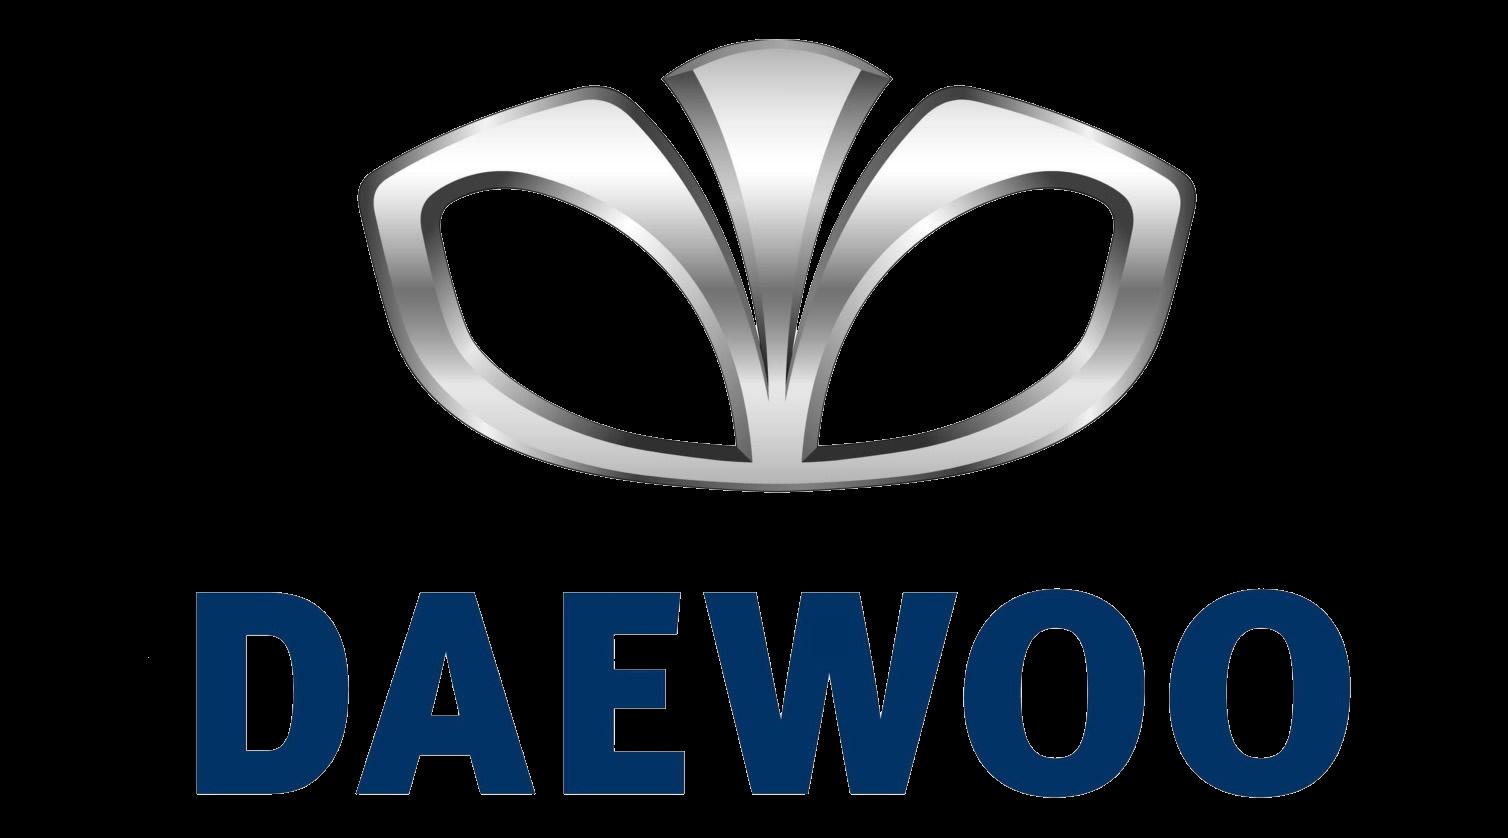 Le conglomérat Daewoo est fondé en 1967 par Kim Woochoong